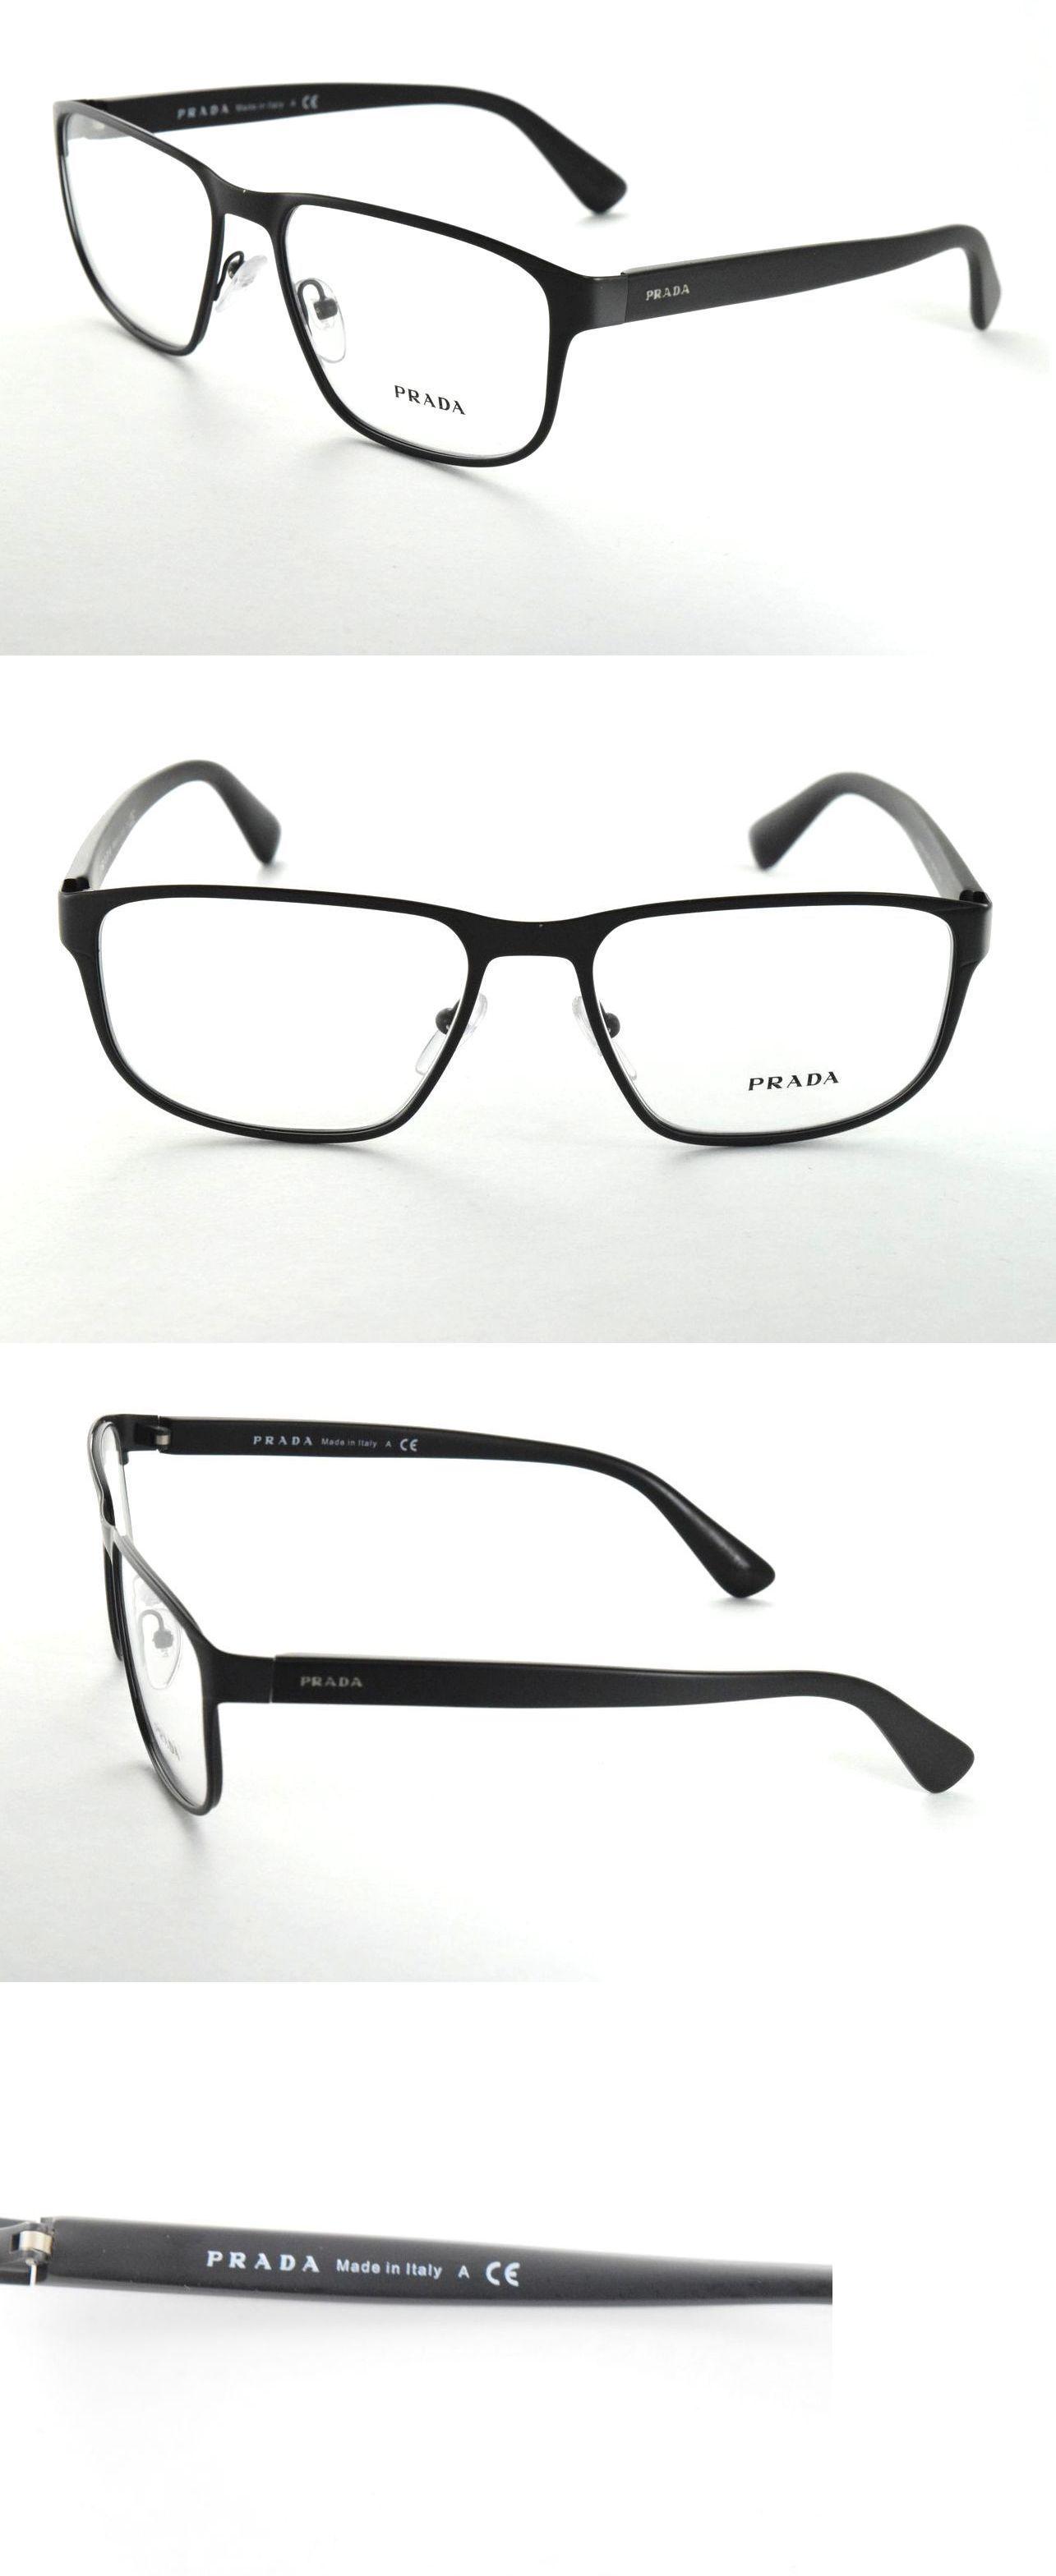 f3810b35a662 Fashion Eyewear Clear Glasses 179244  Prada Eyeglasses Vpr 56S Tkm-1O1  Matte Grey Black